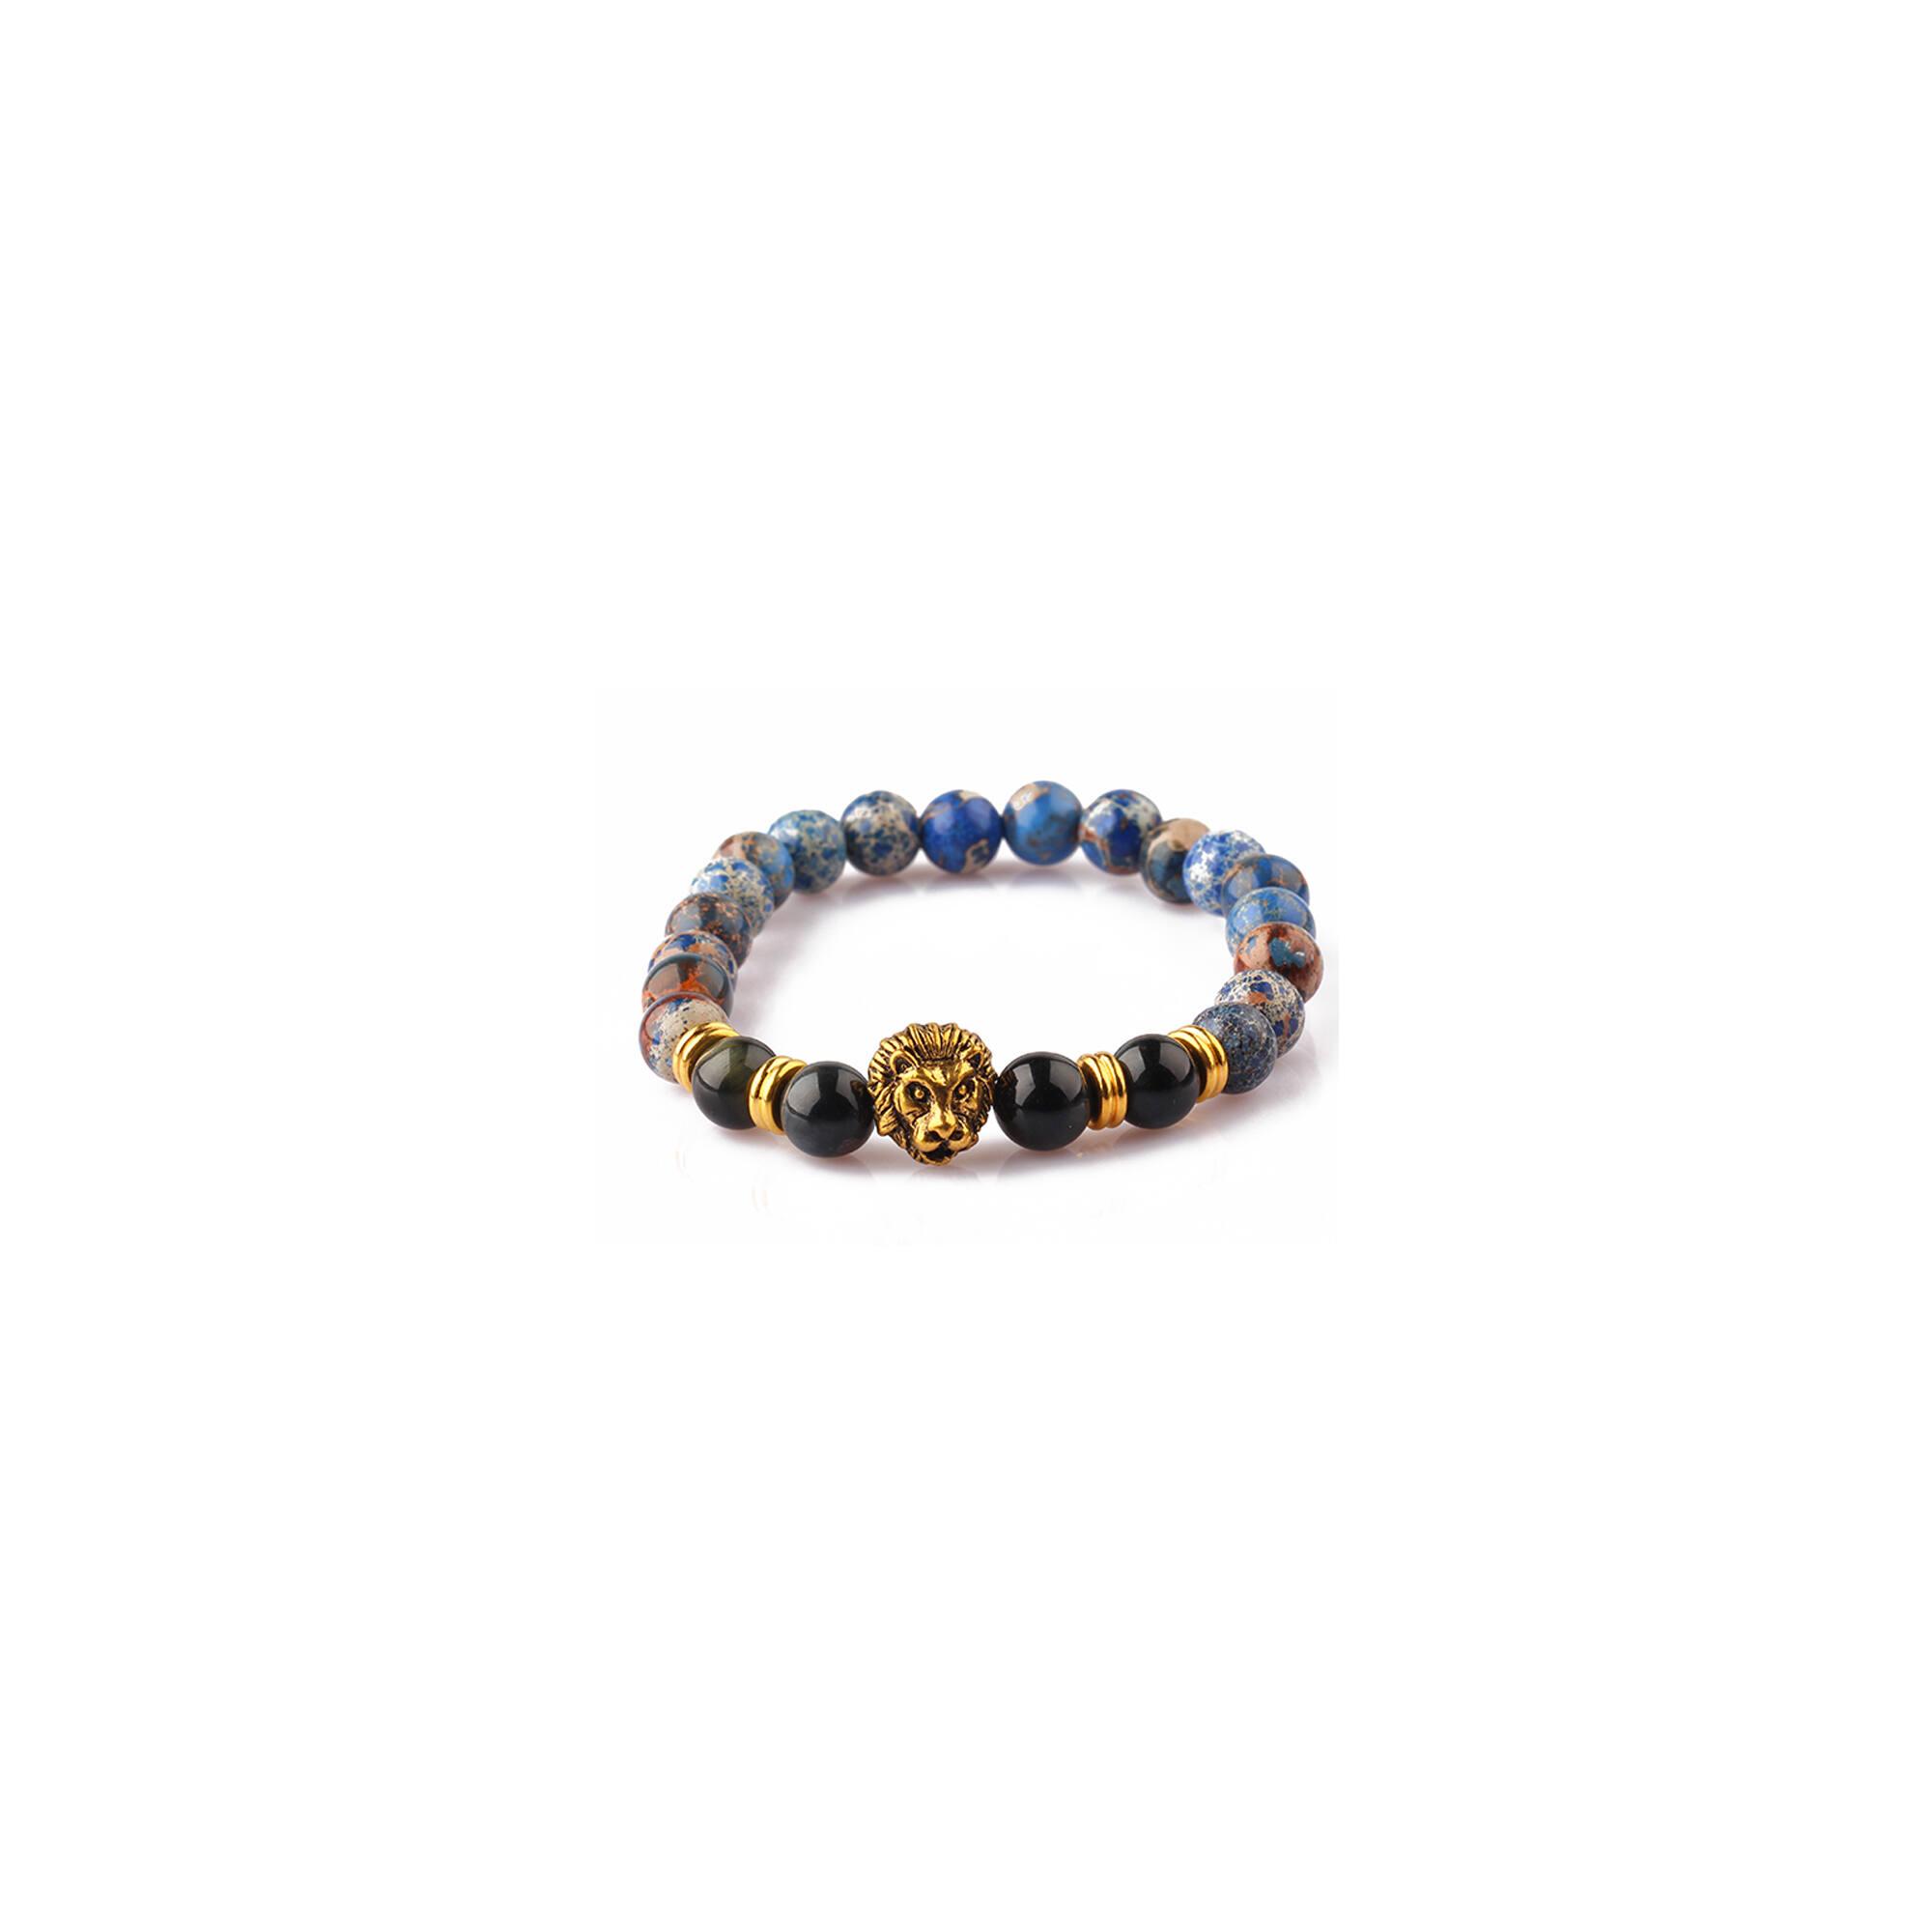 Kék jáspis -  achát ásvány karkötő, arany színű oroszlánnal